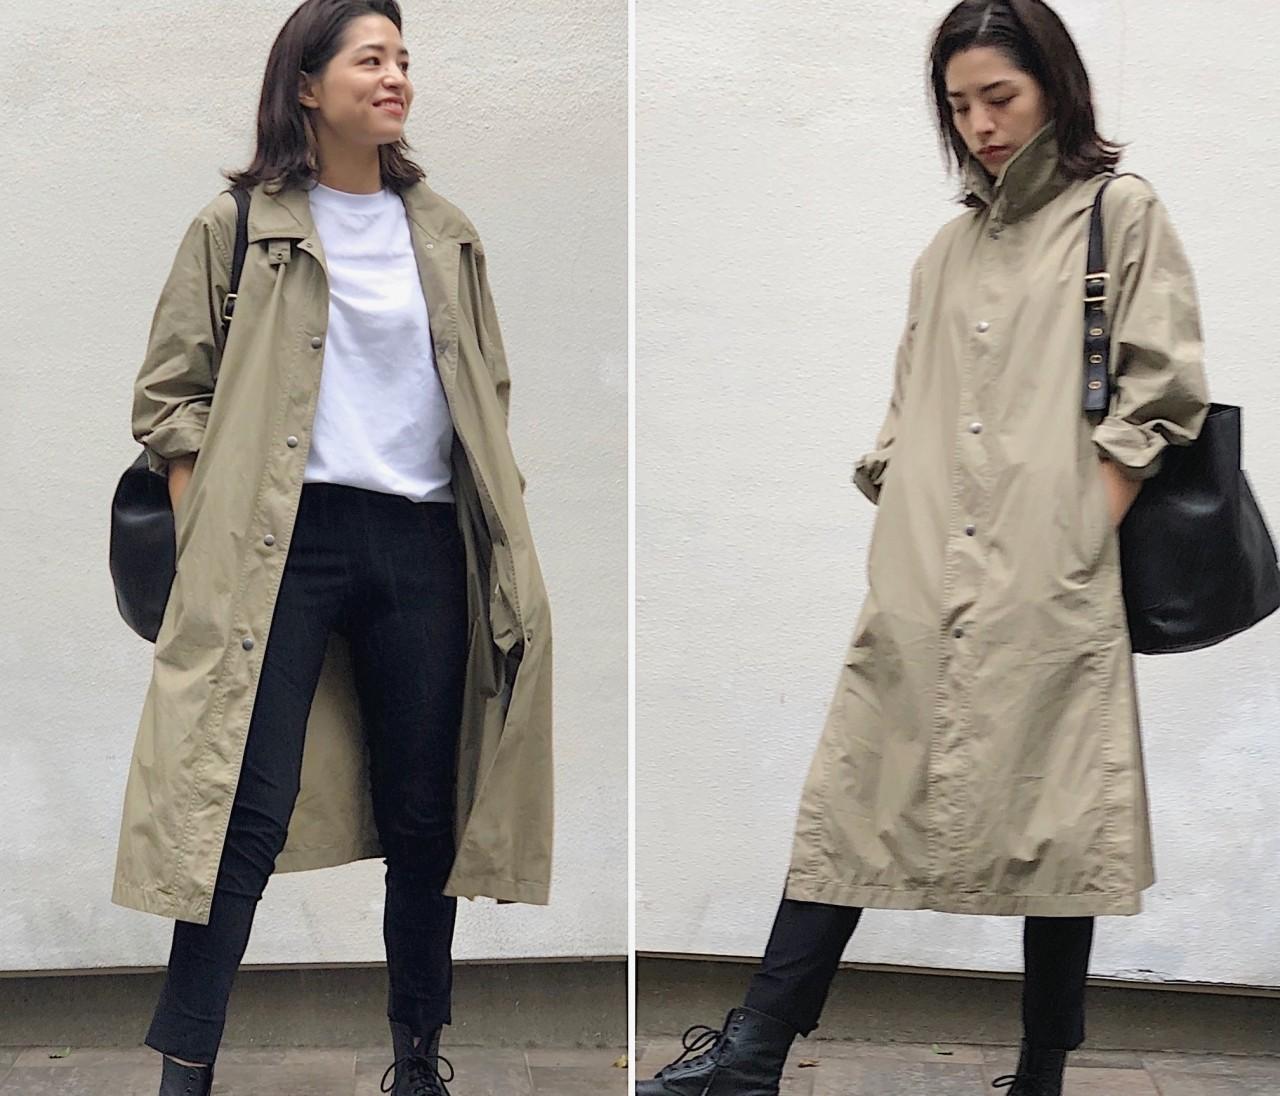 再販で入手!【UNIQLO U】春に即完売した薄軽コート(¥7990)